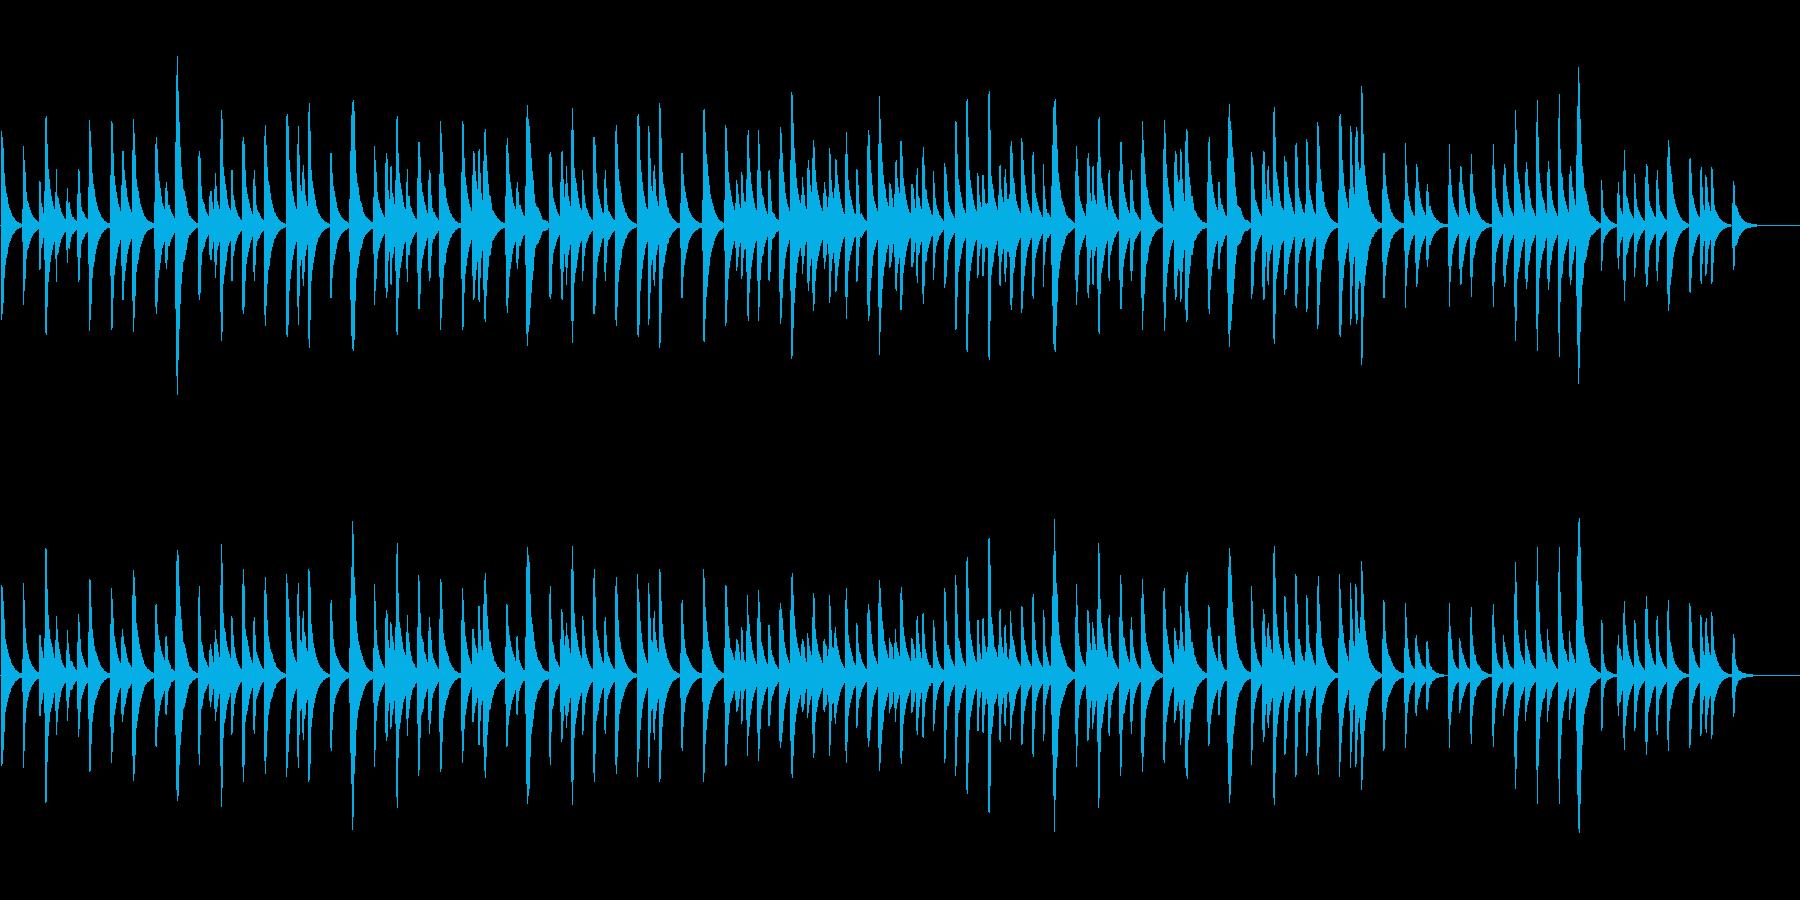 メンデルスゾーン結婚行進曲のオルゴール②の再生済みの波形